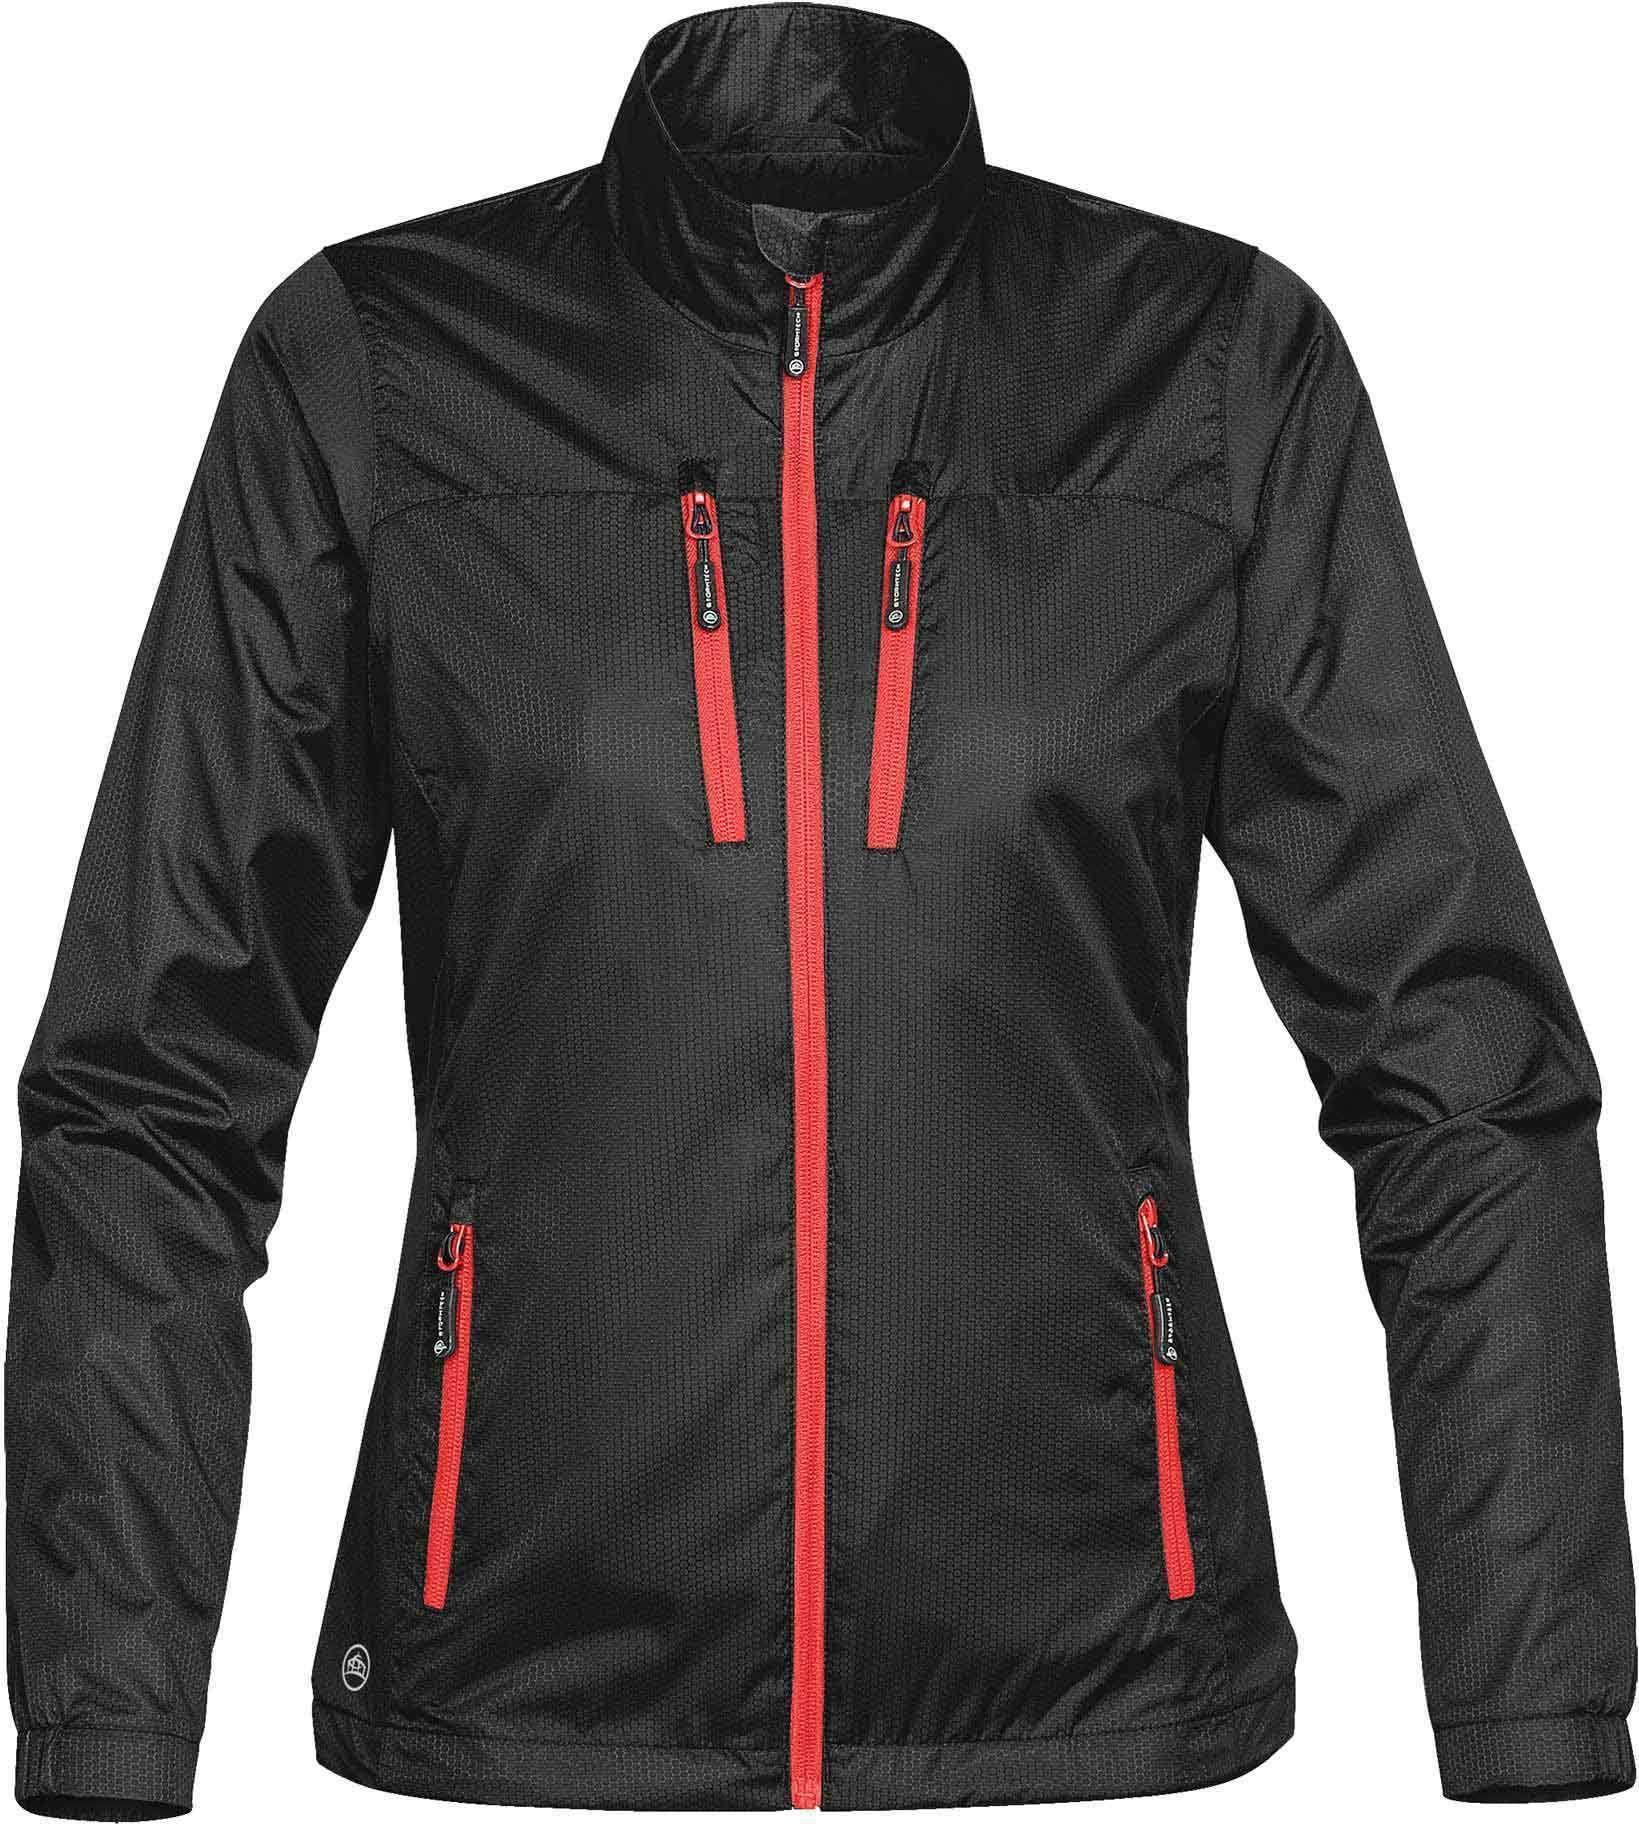 Women's Mistral Shell GXJ1W Women, Orange jacket, Black